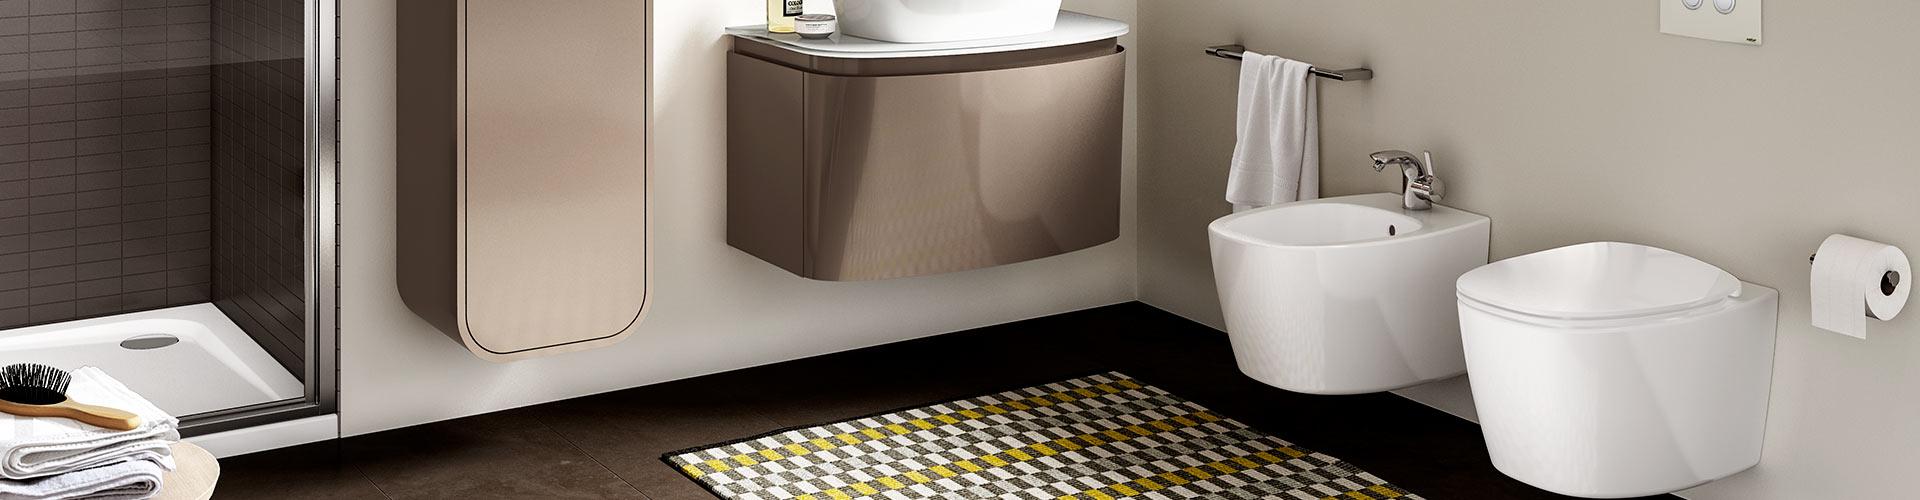 Sanitari Bagno Ideal Standard | Carboni Casa